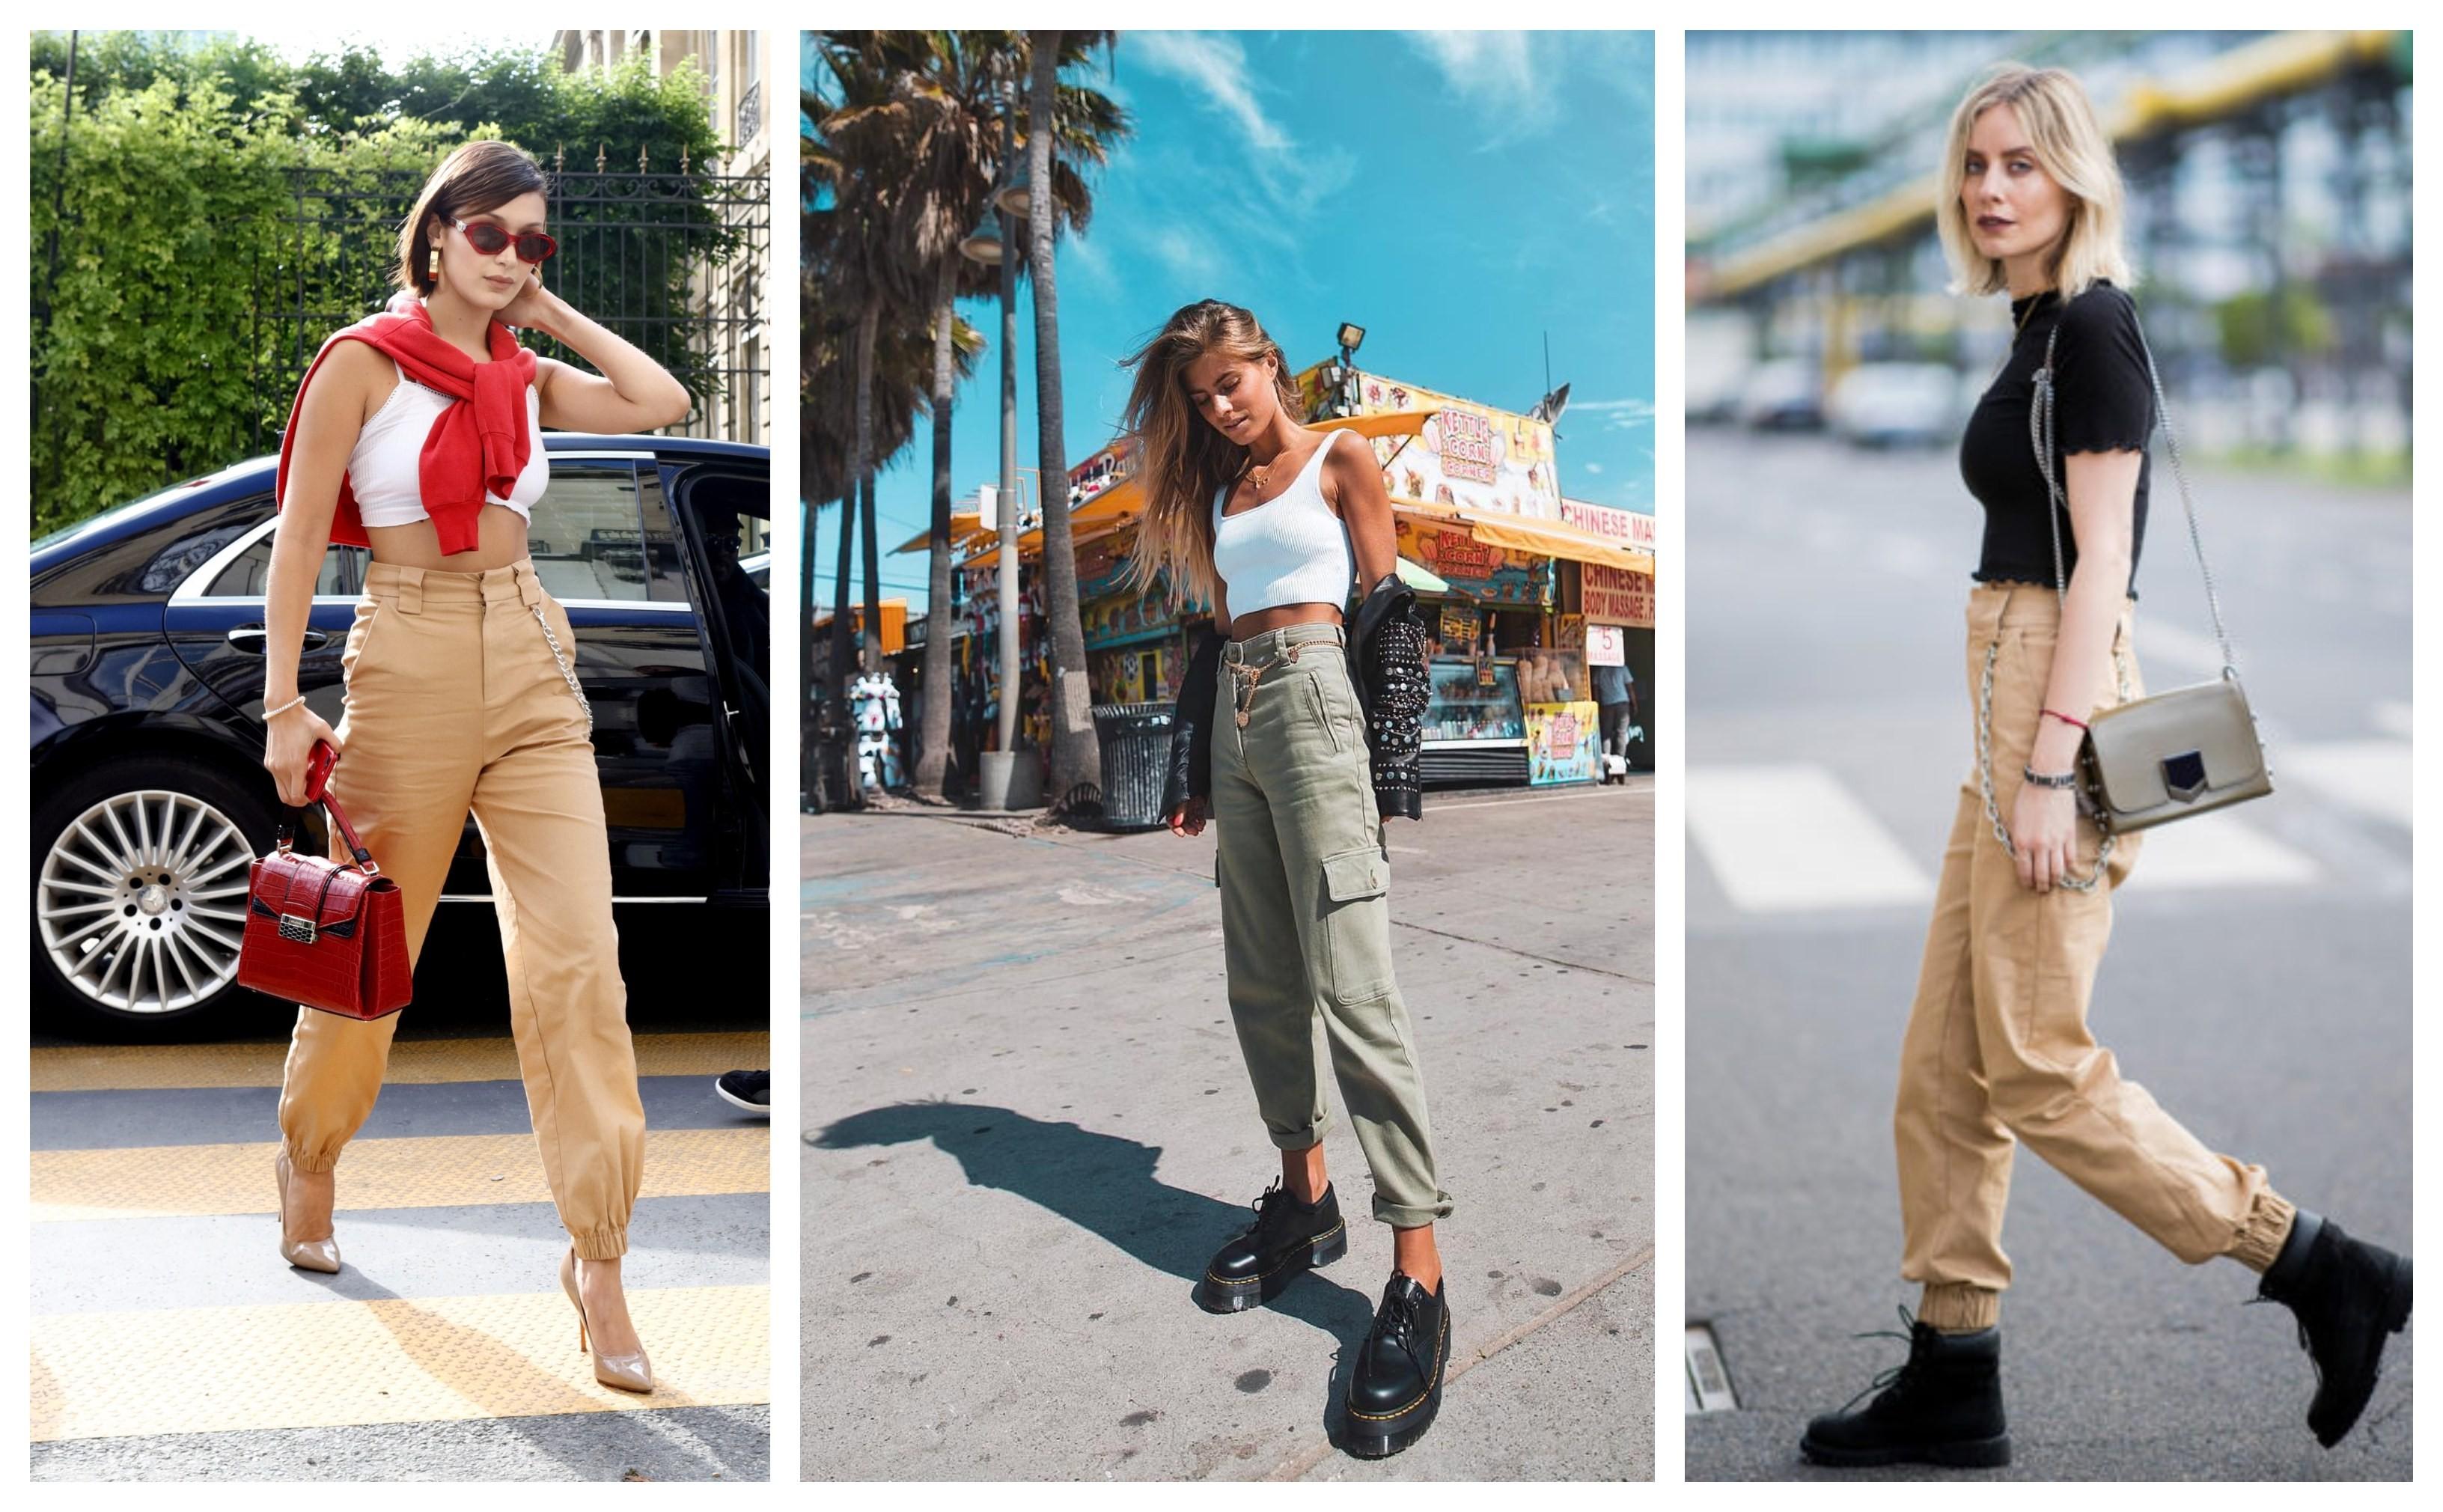 6bd3f4140eac Τα παντελόνια που θα αντικαταστήσουν τα jeans σας το καλοκαίρι - GLOW.GR